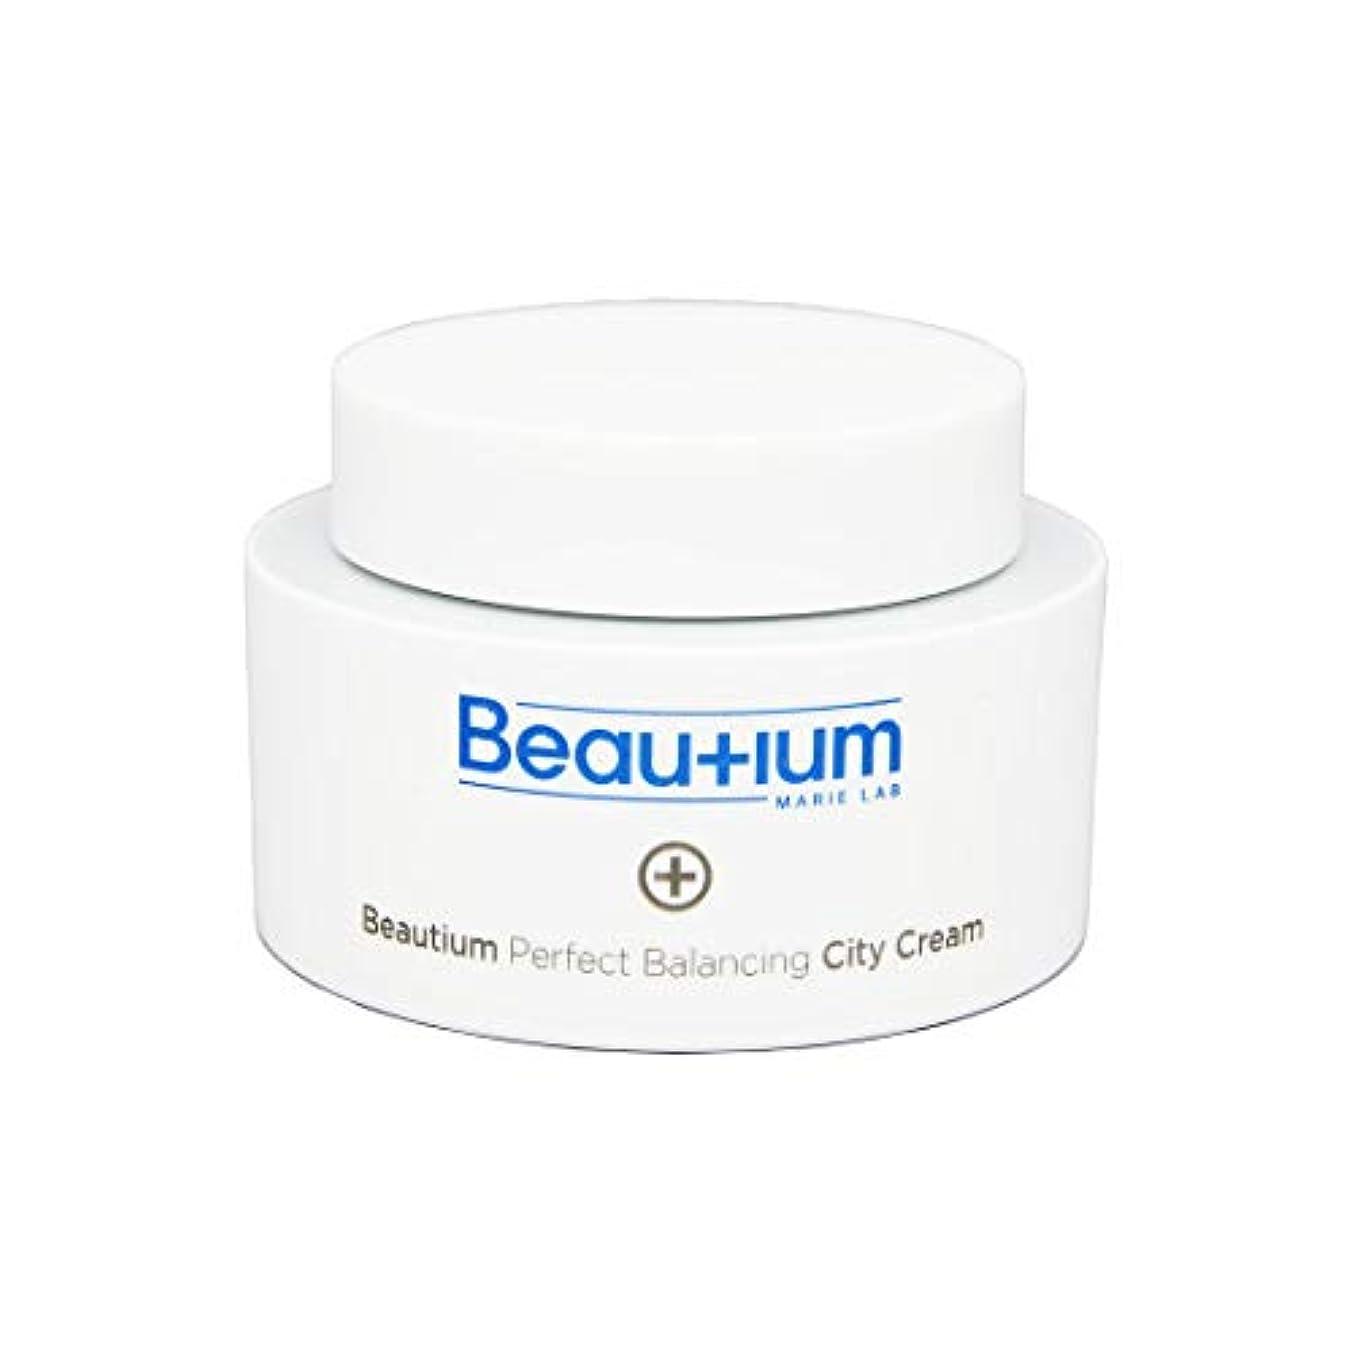 ヨーロッパ露無秩序[Beautium] 完璧な平衡都会クリーム50g白化 & 防しわ用デュアル機能化粧品 ??? ??? ?? ??